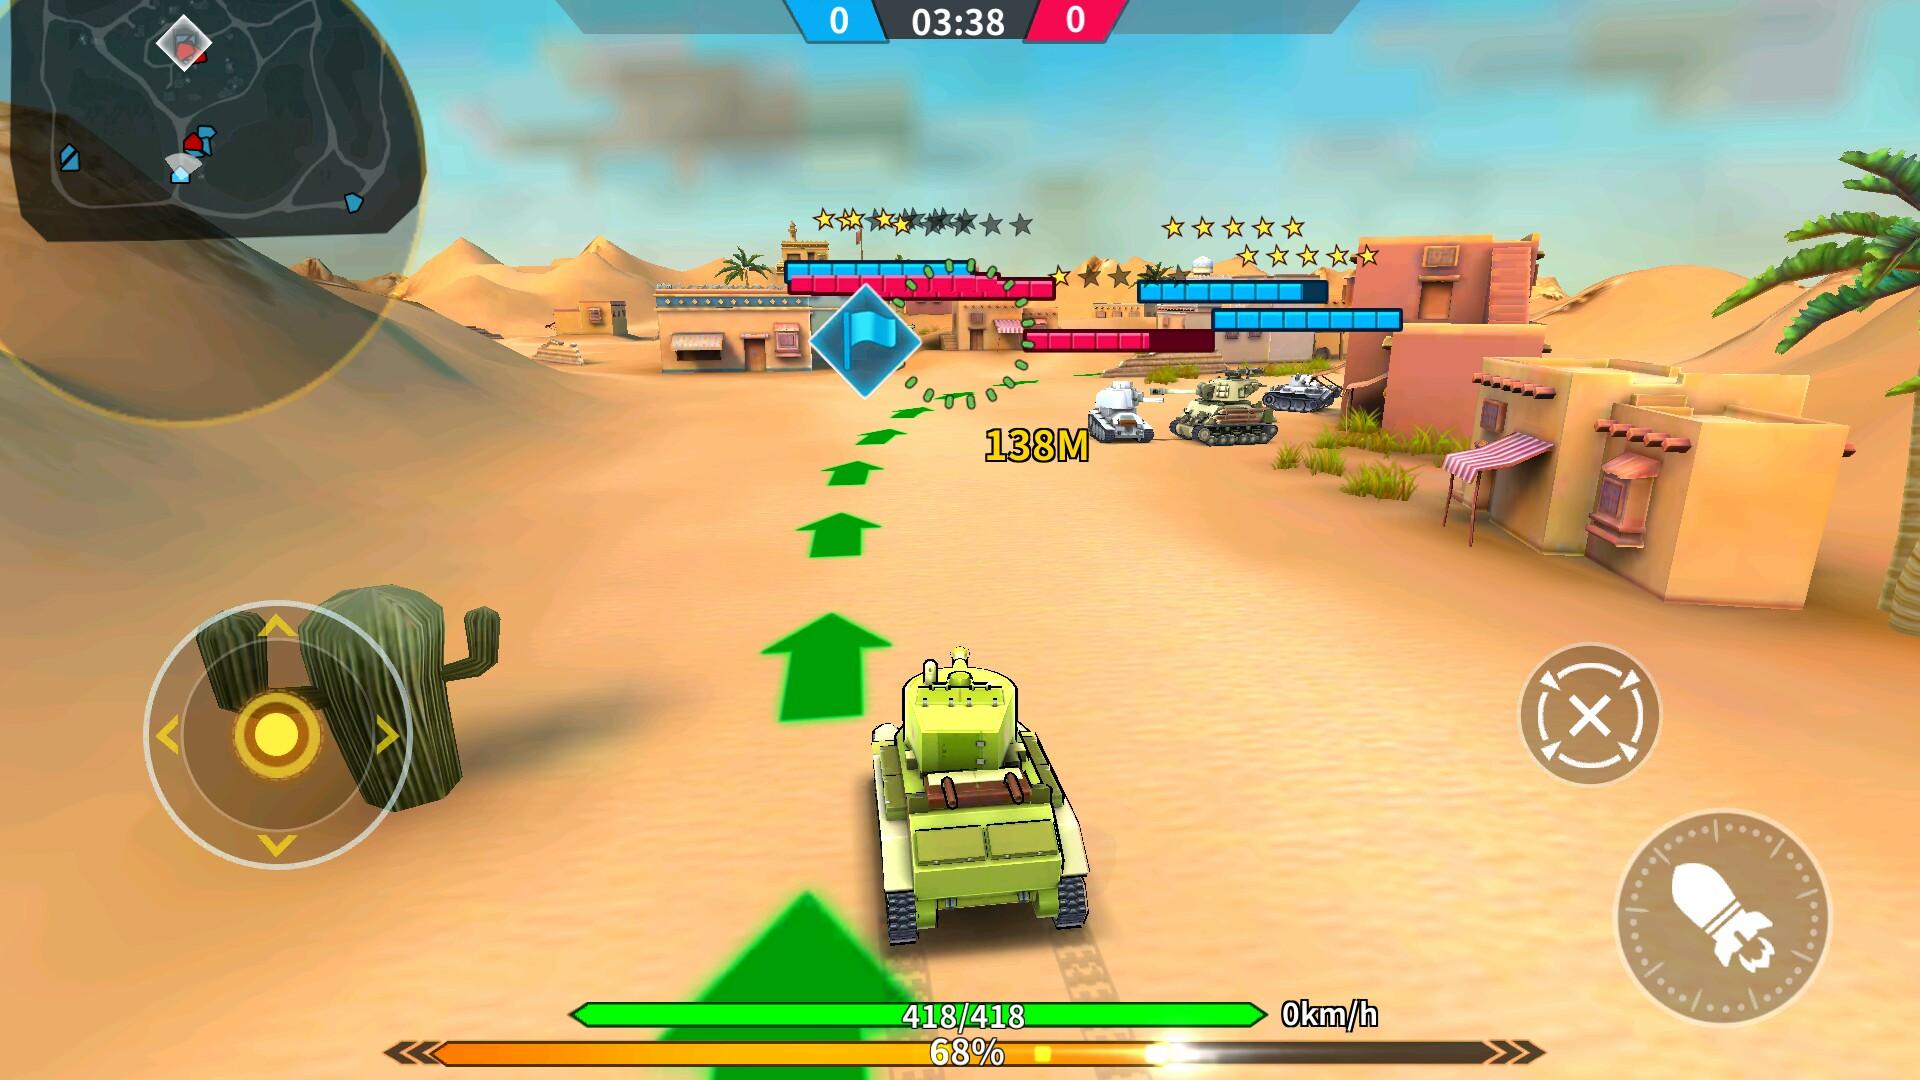 《装甲联盟》游戏截图UI欣赏41